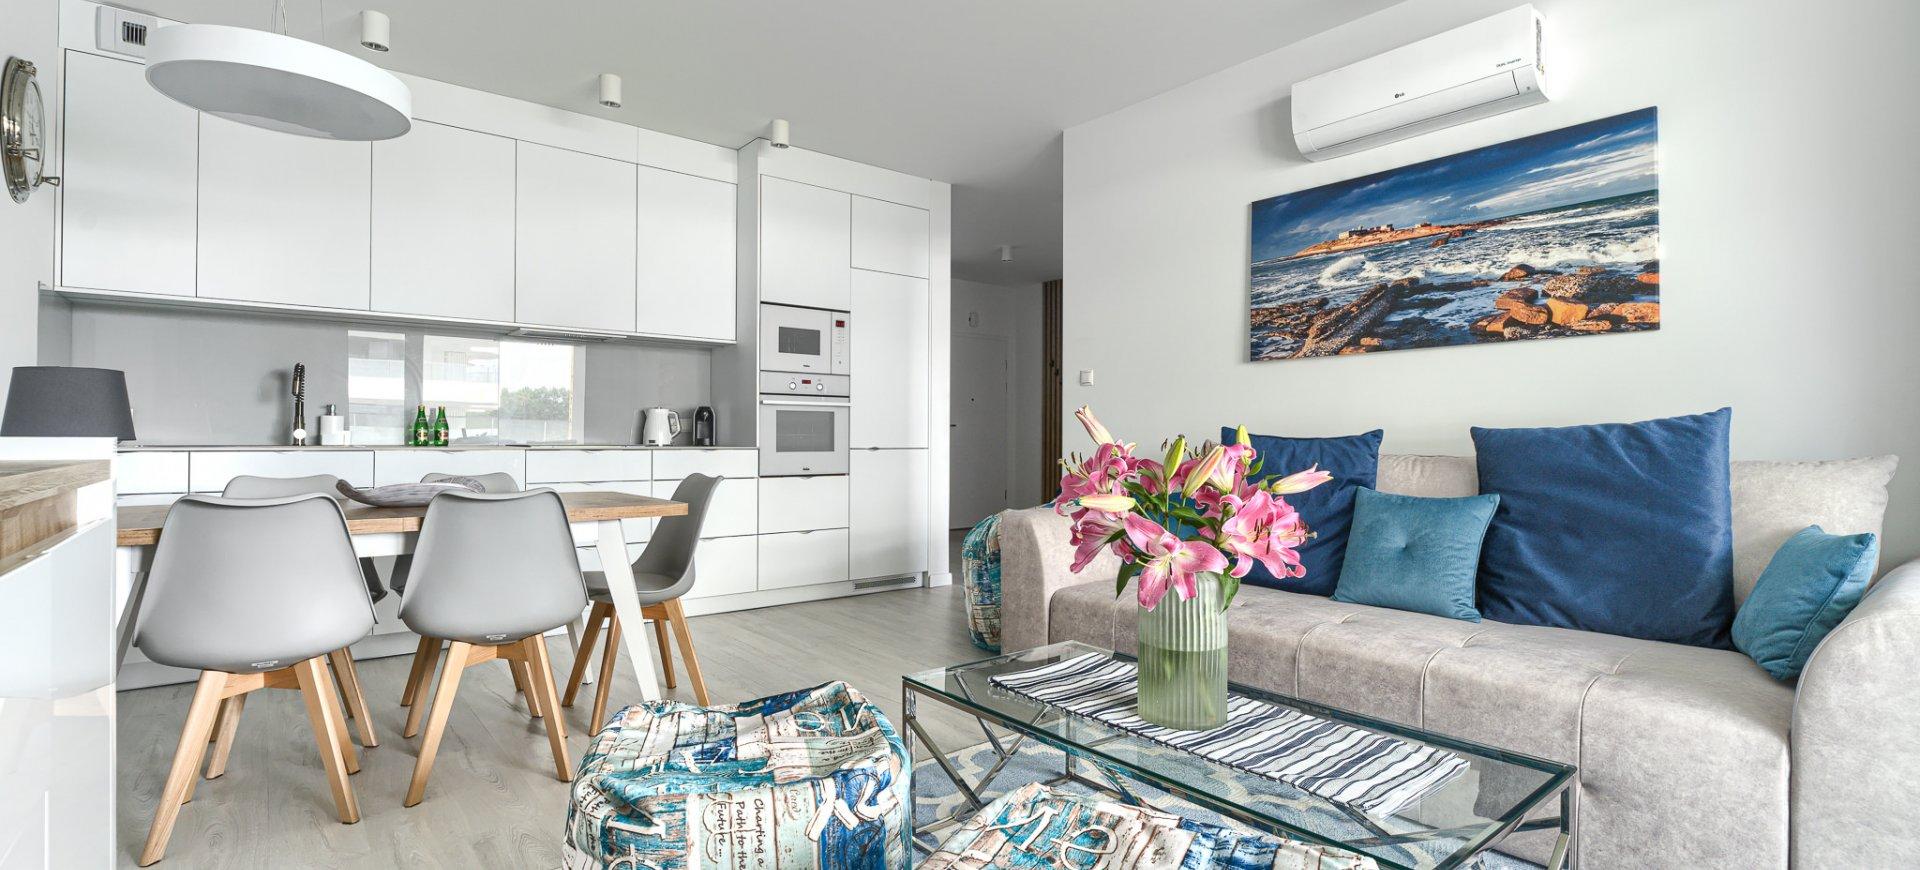 Apartment GRAND mit 1 Schlafzimmer 2.102 und seitlichem Seeblick